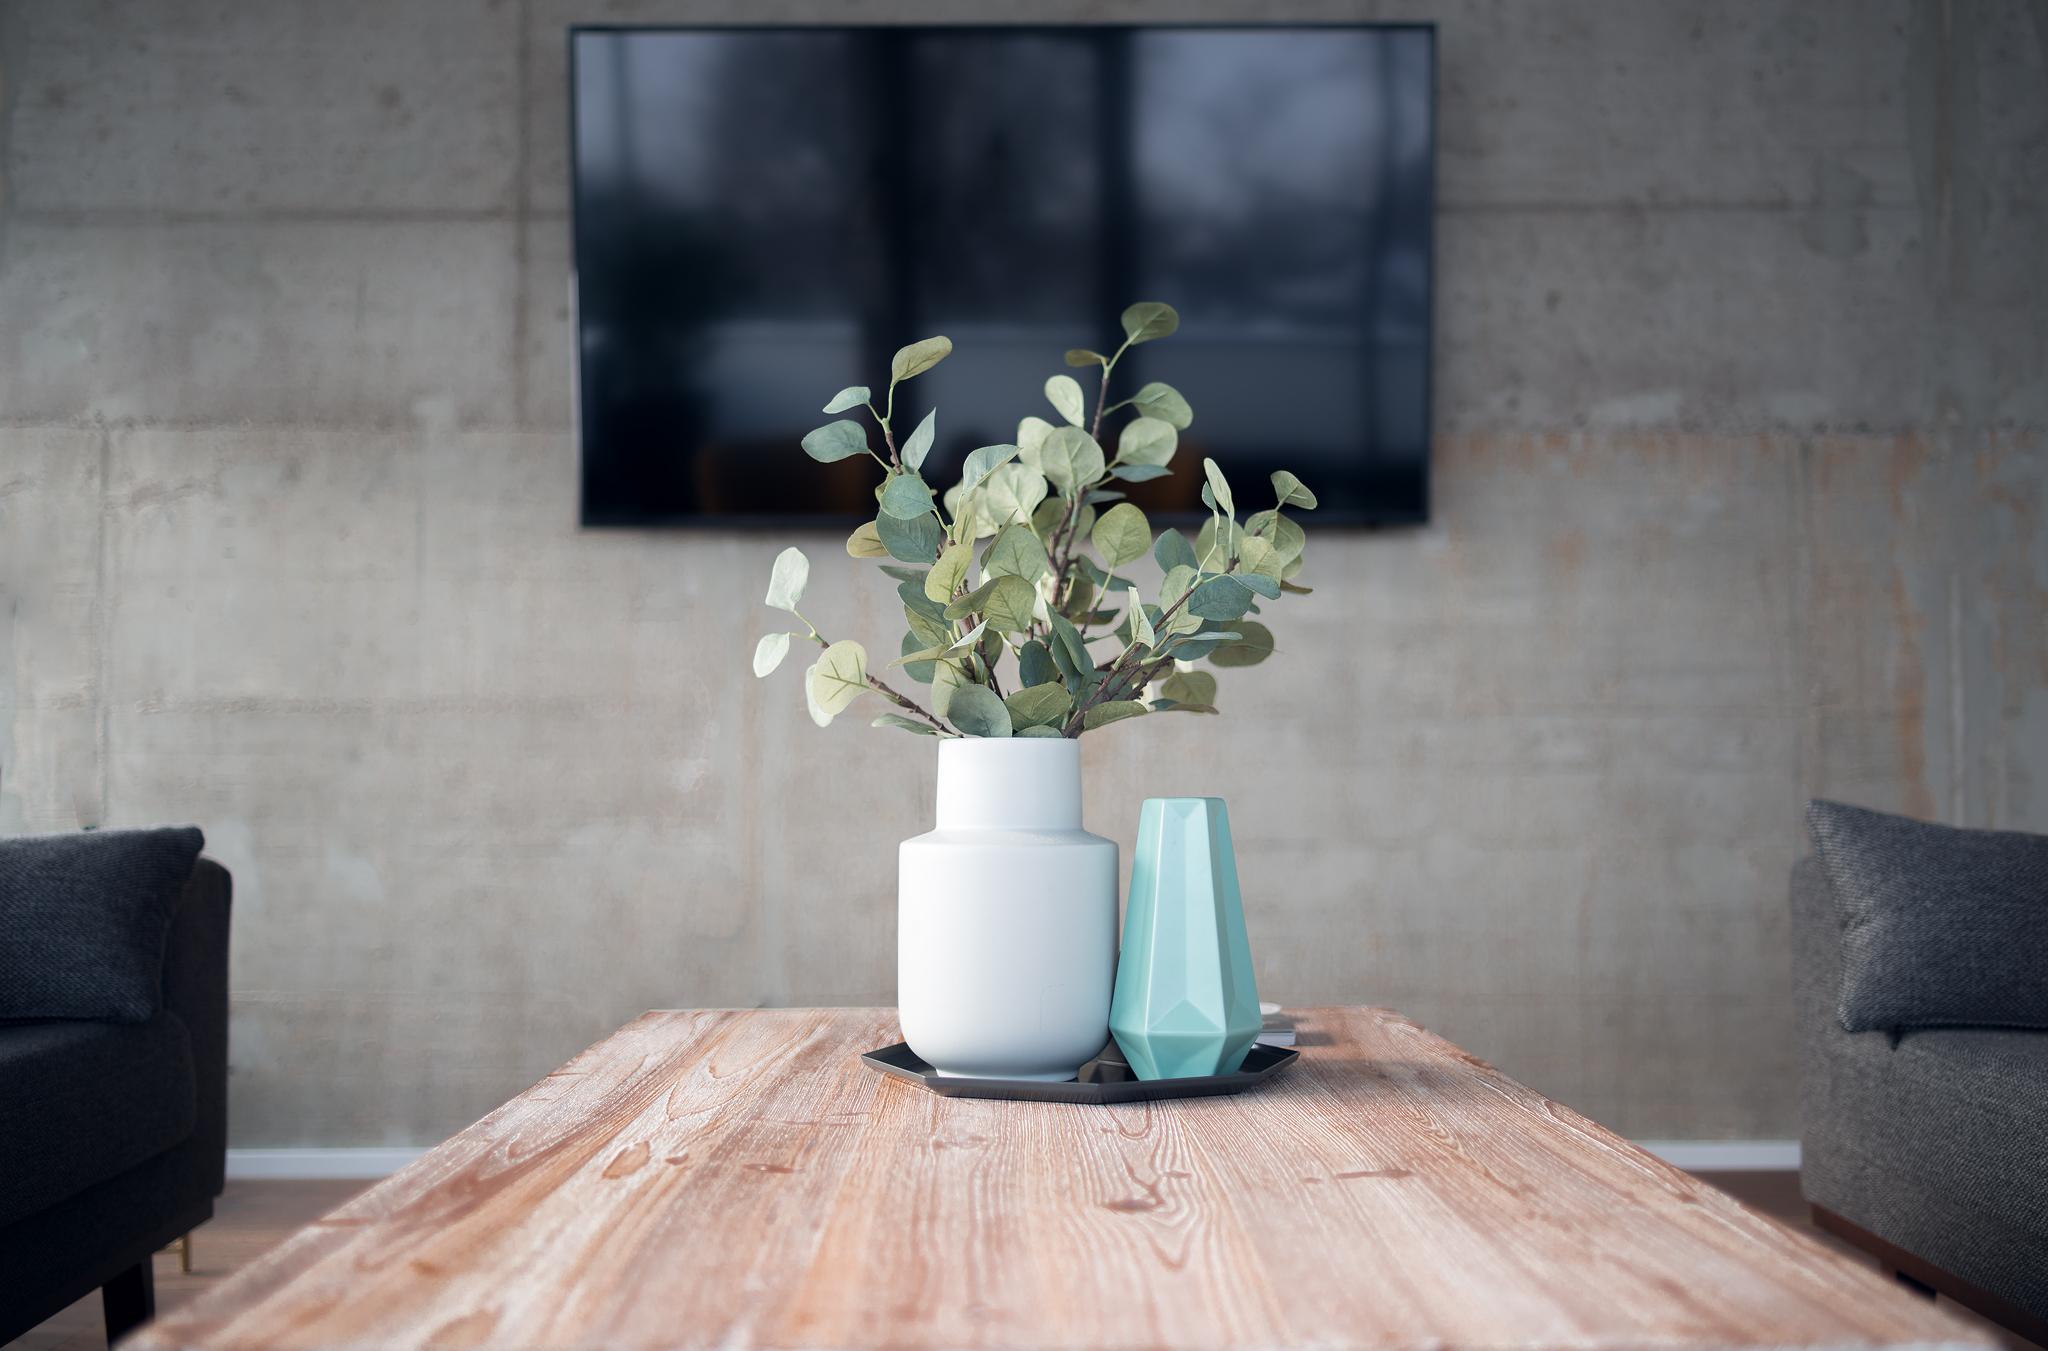 Hochauflösende Detailaufnahmen Ihres Objekts (Innenraum Dekoration)